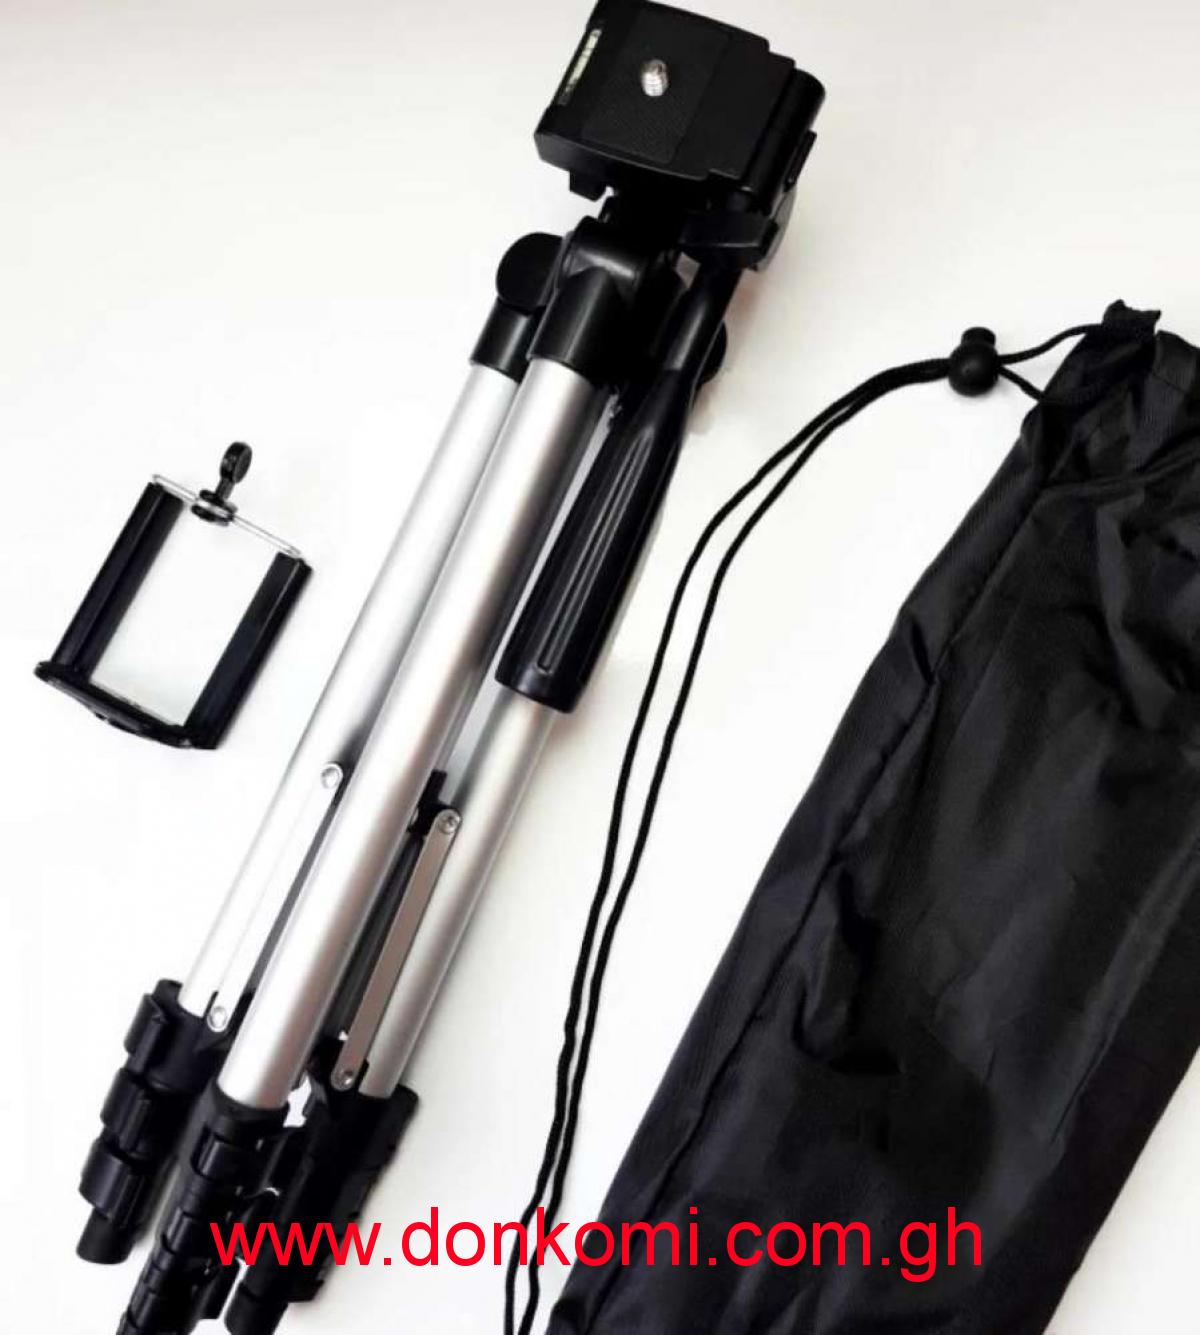 65cm phone/camera tripod